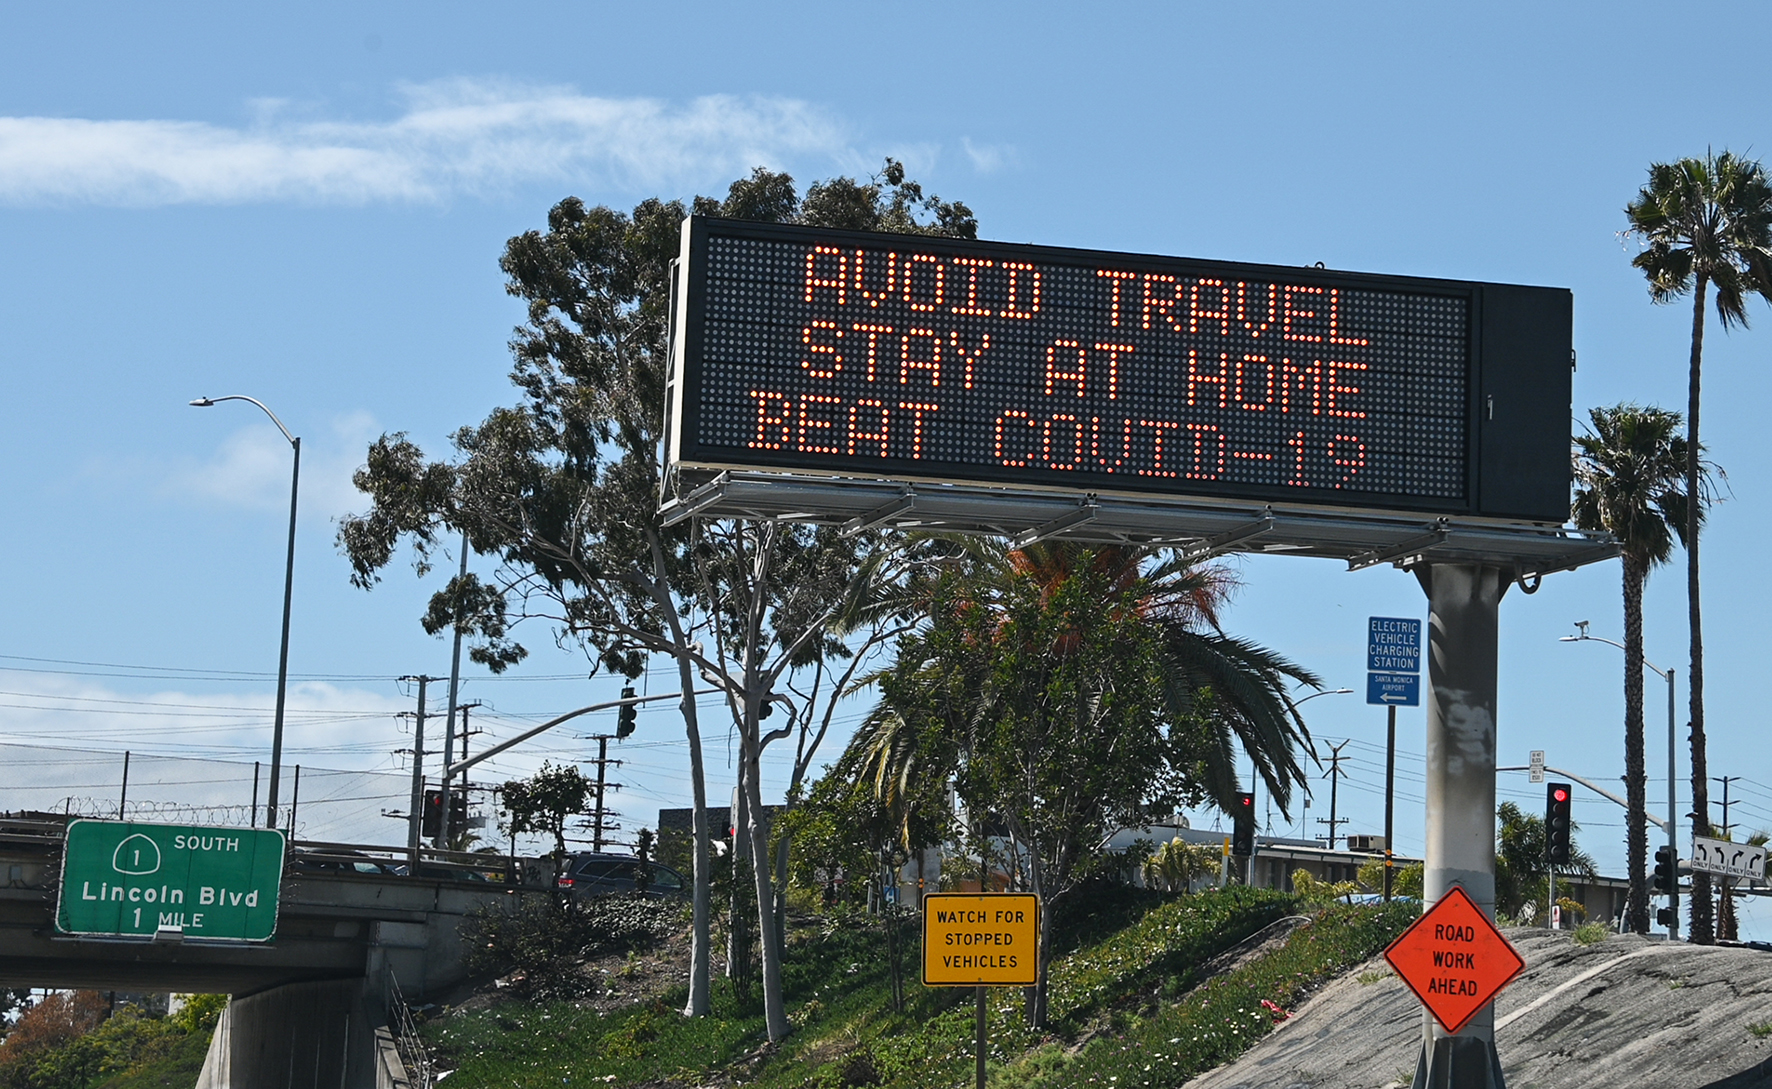 Op deze foto zie je een digitaal bord langs de highway in Los Angeles welke waarschuwd om thuis te blijven om COVID-19 zo min mogelijk te verspreiden